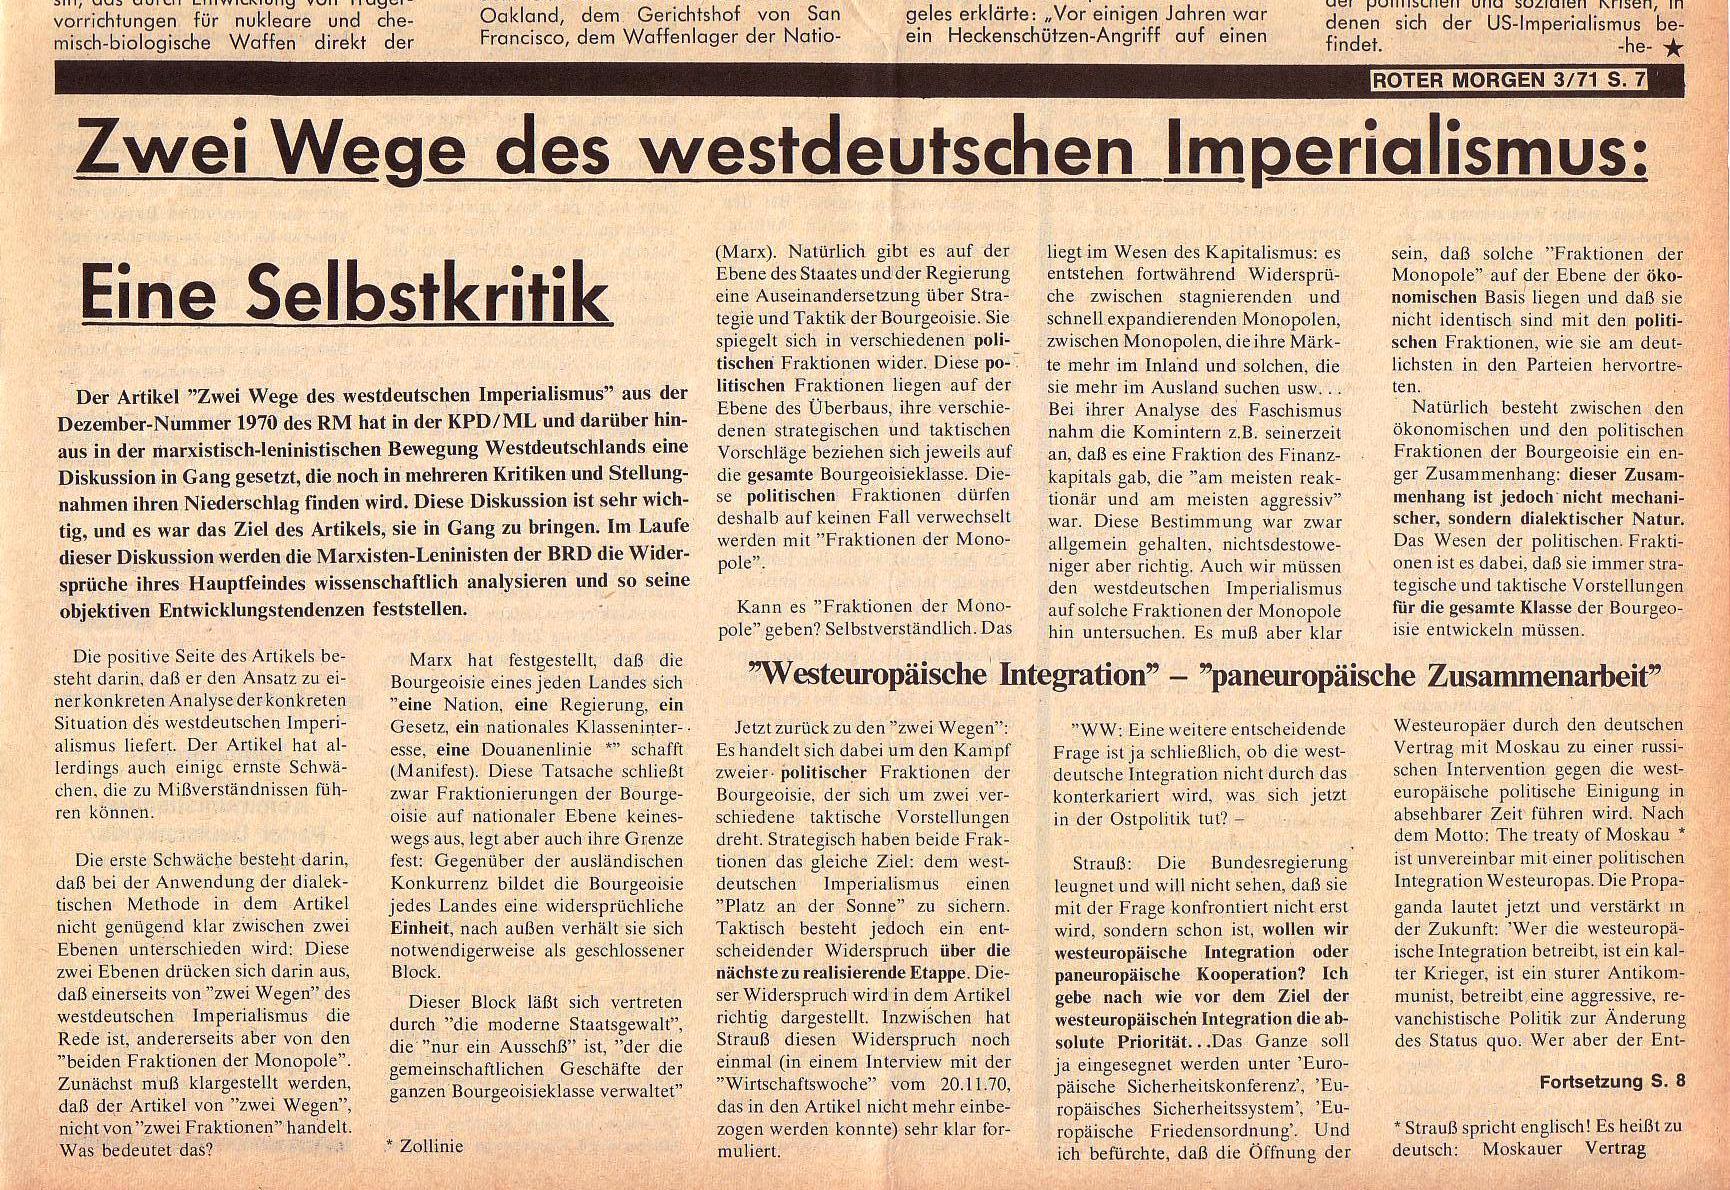 Roter Morgen, 5. Jg., März 1971, Nr. 3, Seite 7b